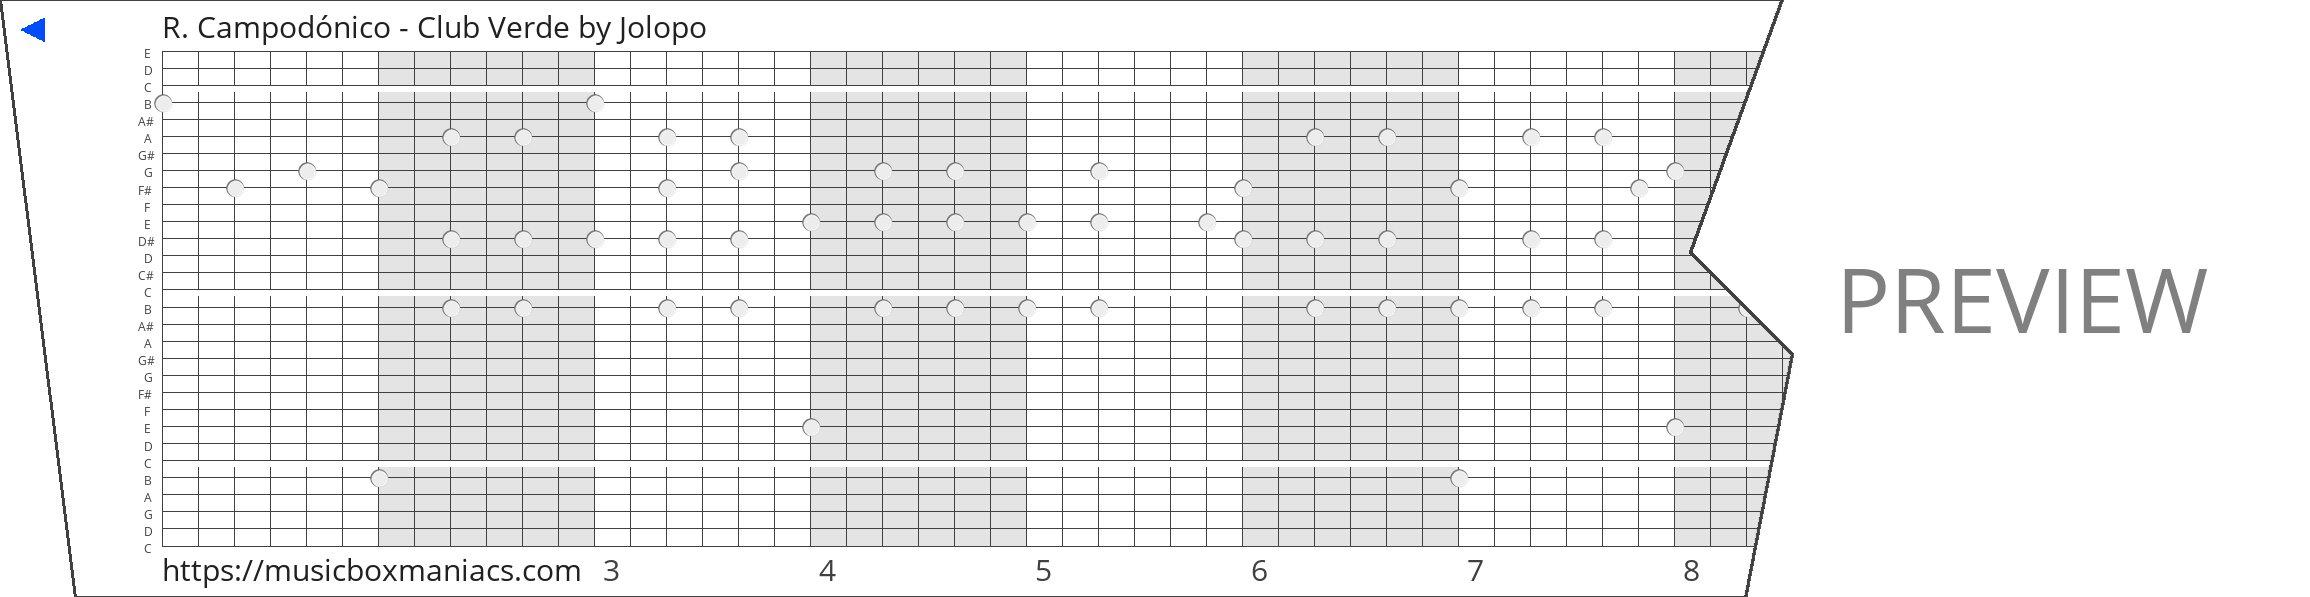 R. Campodónico - Club Verde 30 note music box paper strip